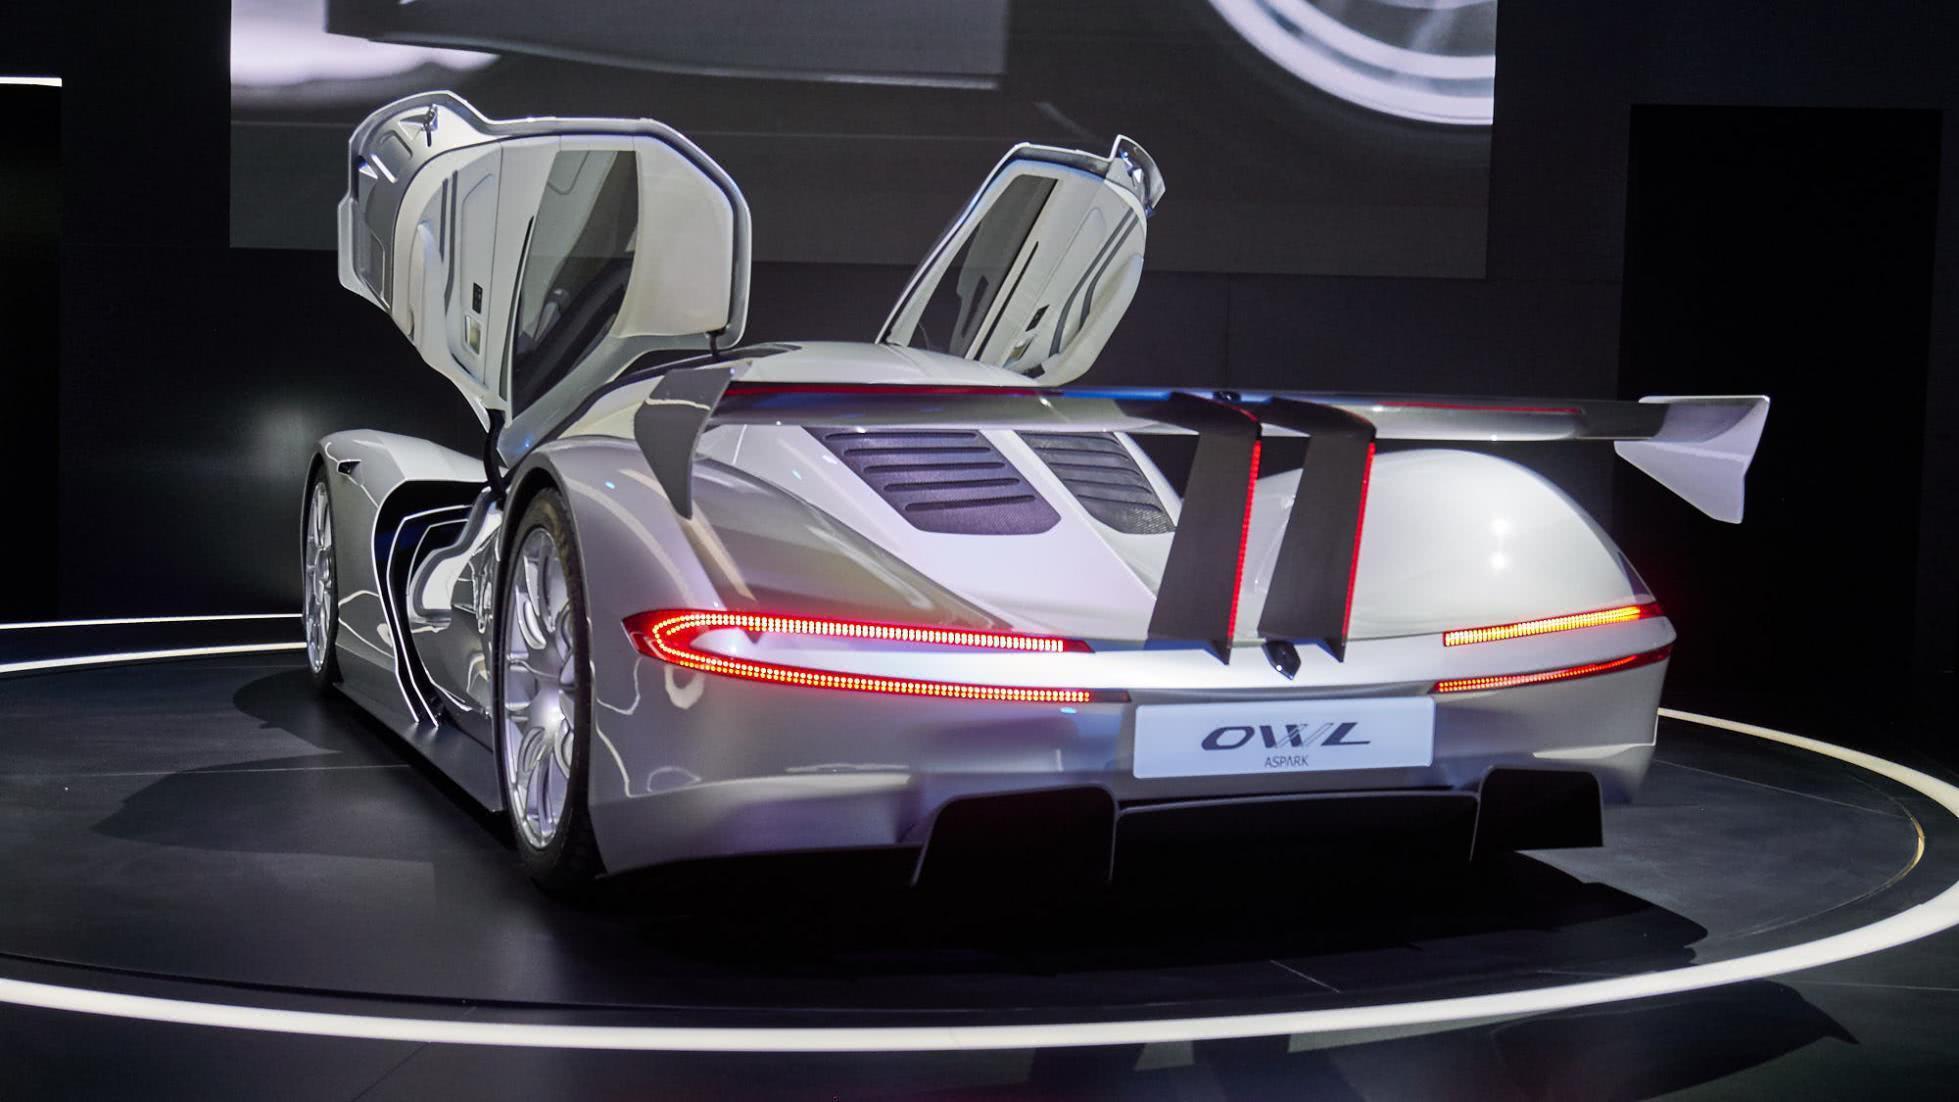 全球限量50台,预交定金800万,这辆日本跑车1.8秒破百?